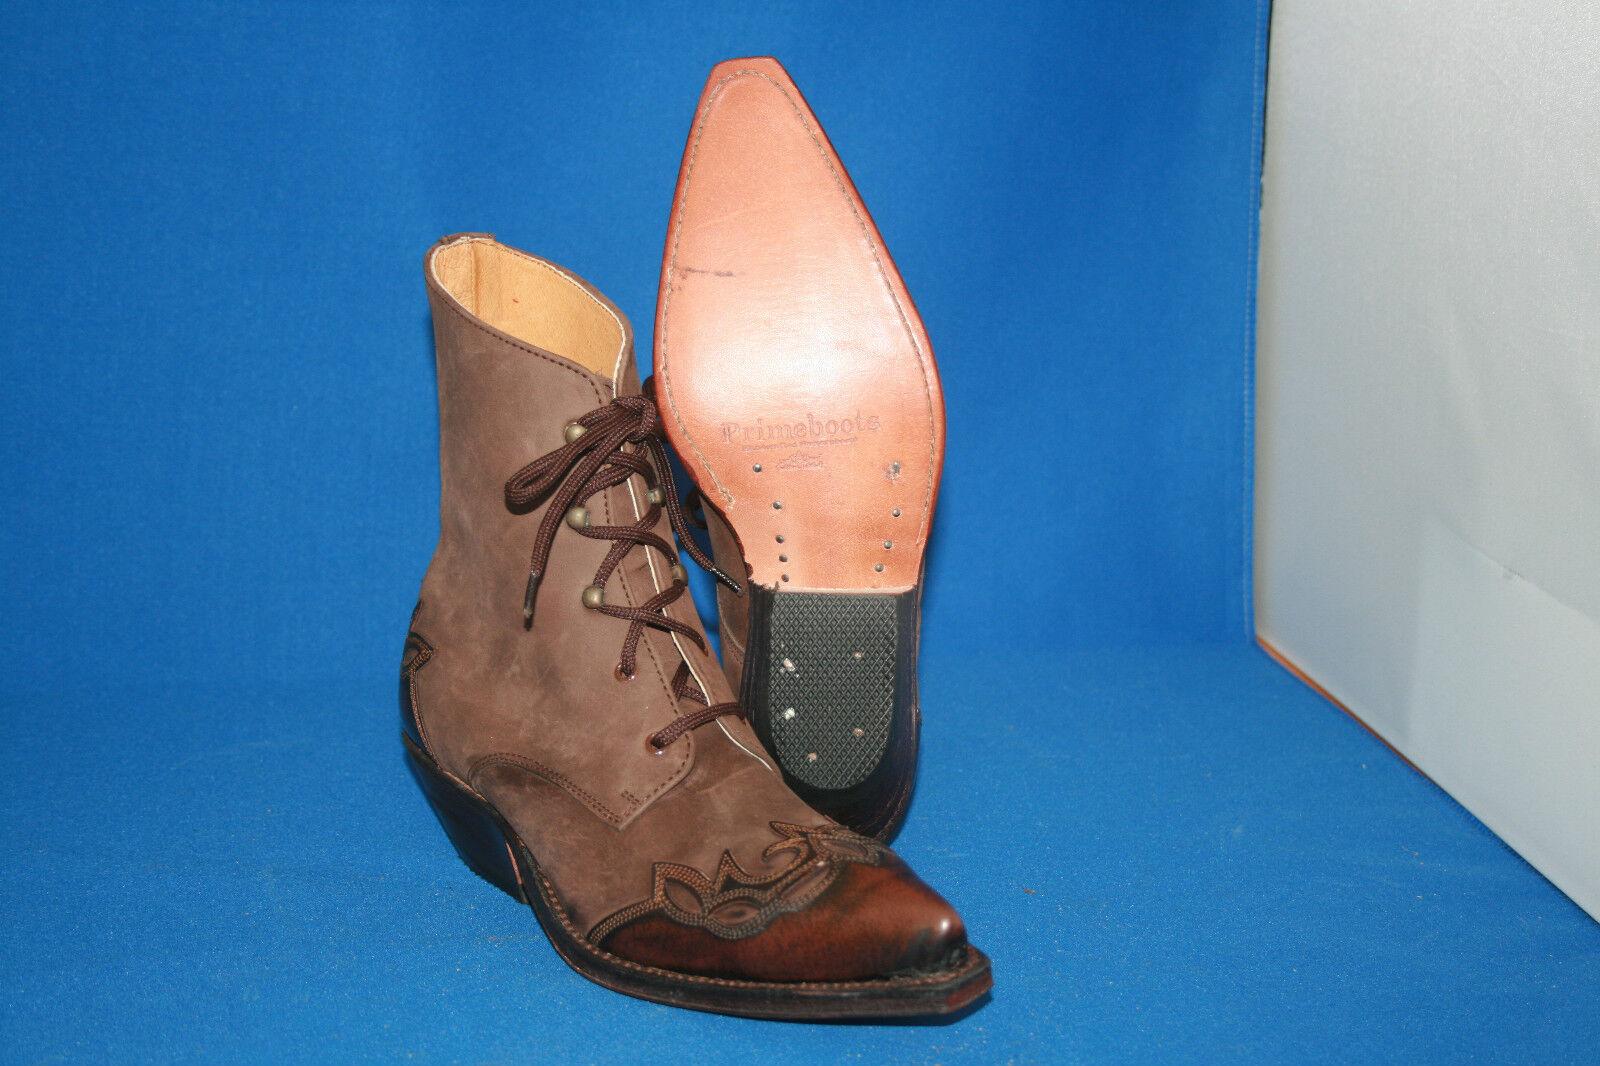 Prime Stiefelette 37 westernstiefel Boots cowboyboots gr. 37 Stiefelette  neu  braun leder 3b36c7